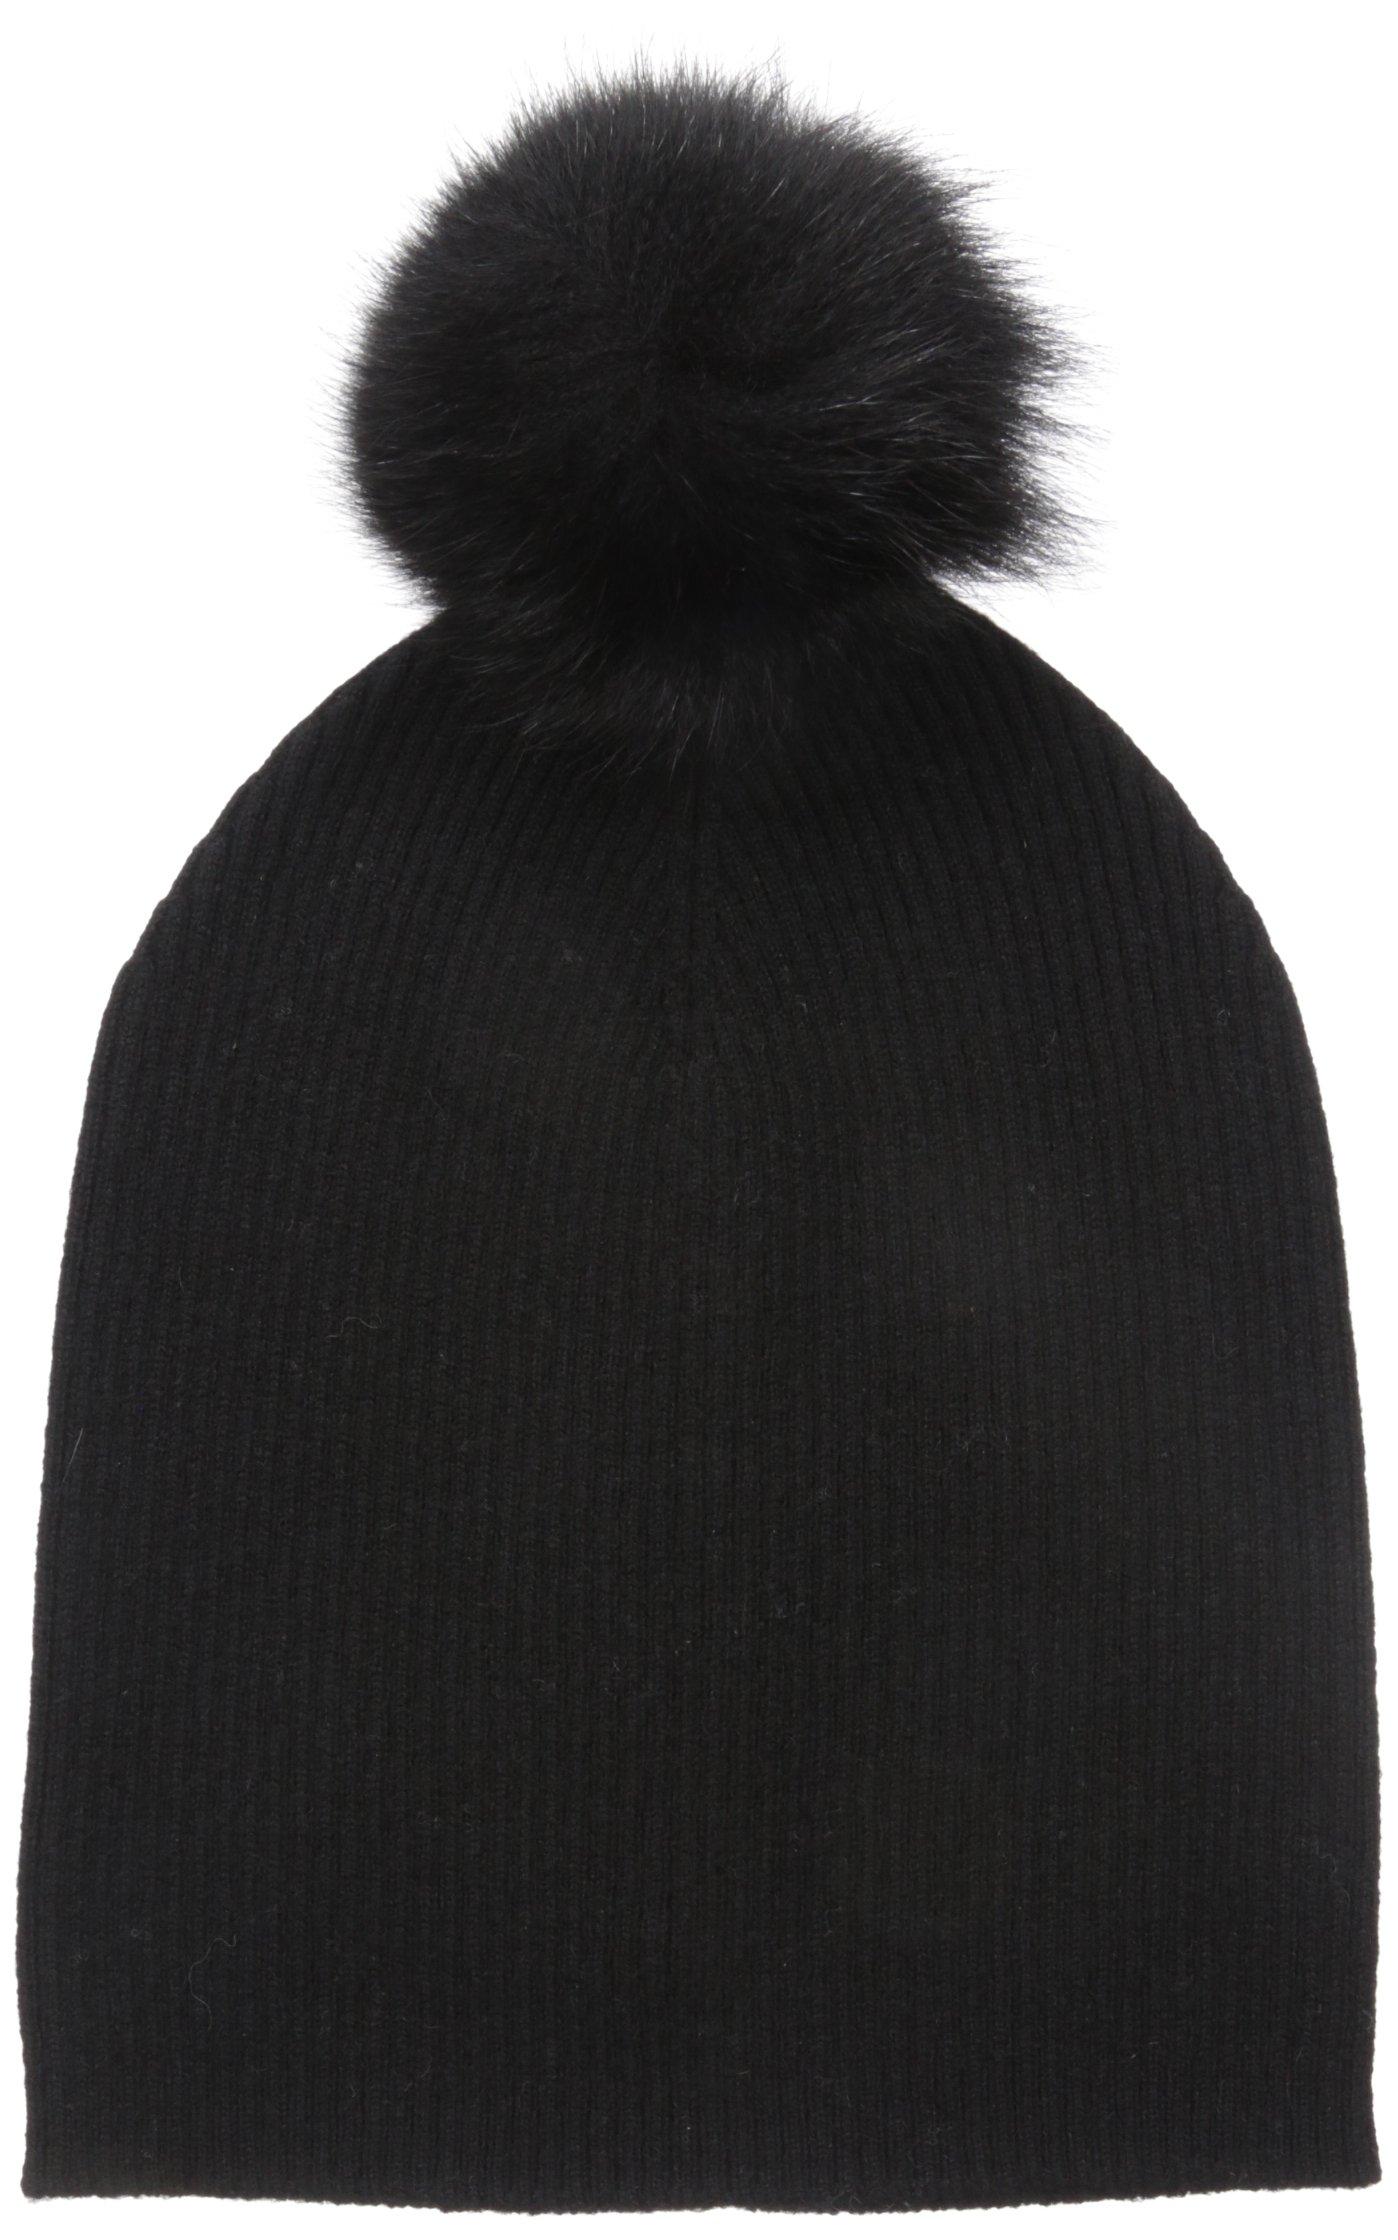 Sofia Cashmere Women's 100% Cashmere Slouchy Beanie with Fox Fur Pom, Black, One by Sofia Cashmere